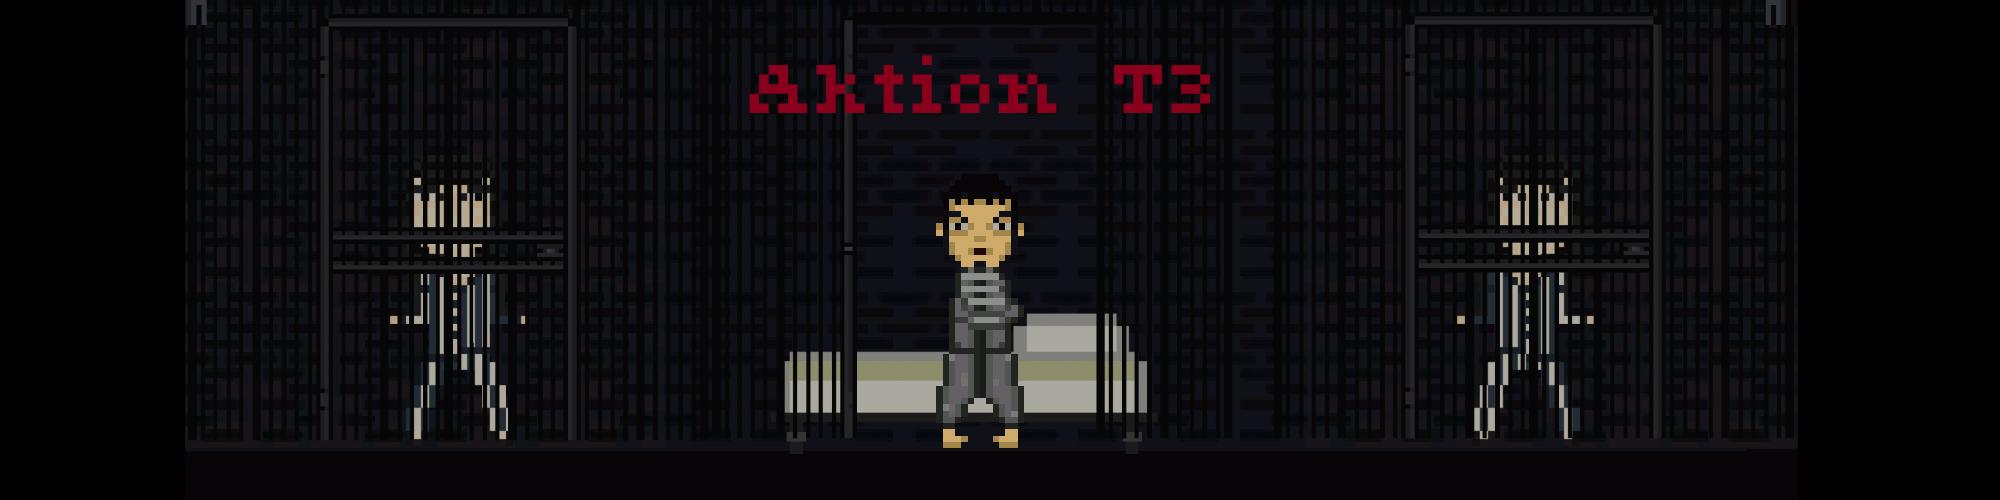 Aktion T3